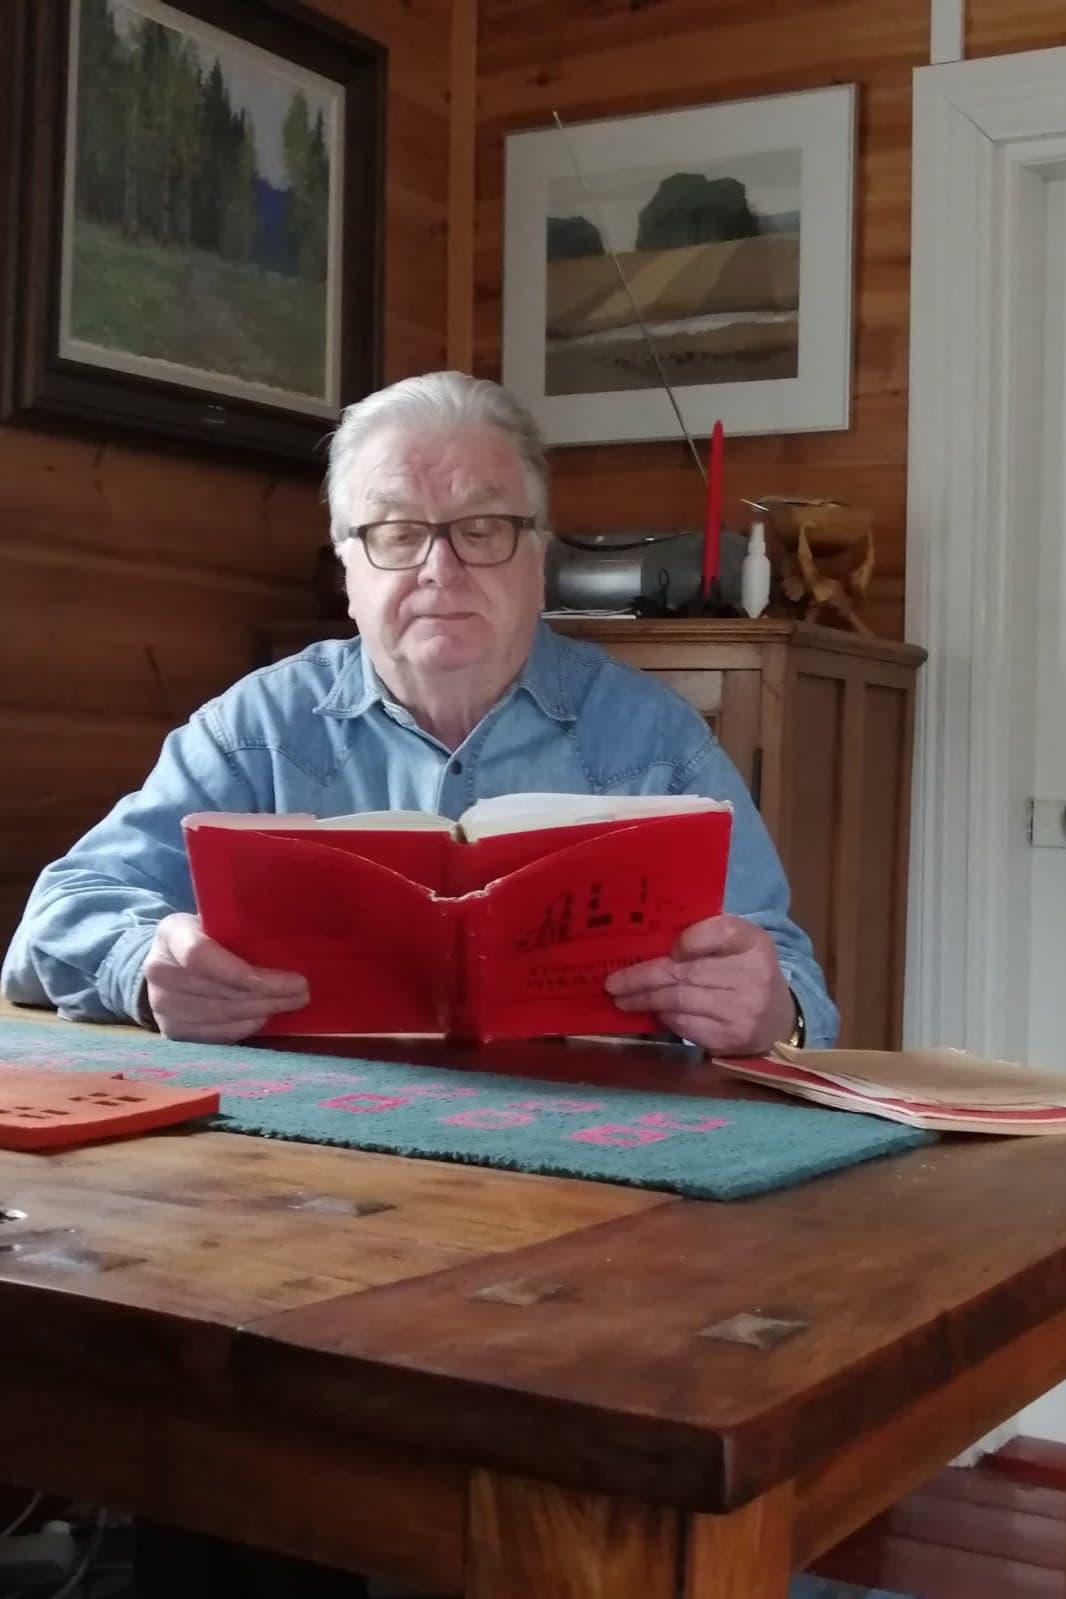 Mies lukee punaista kirjaa pöydän ääressä.